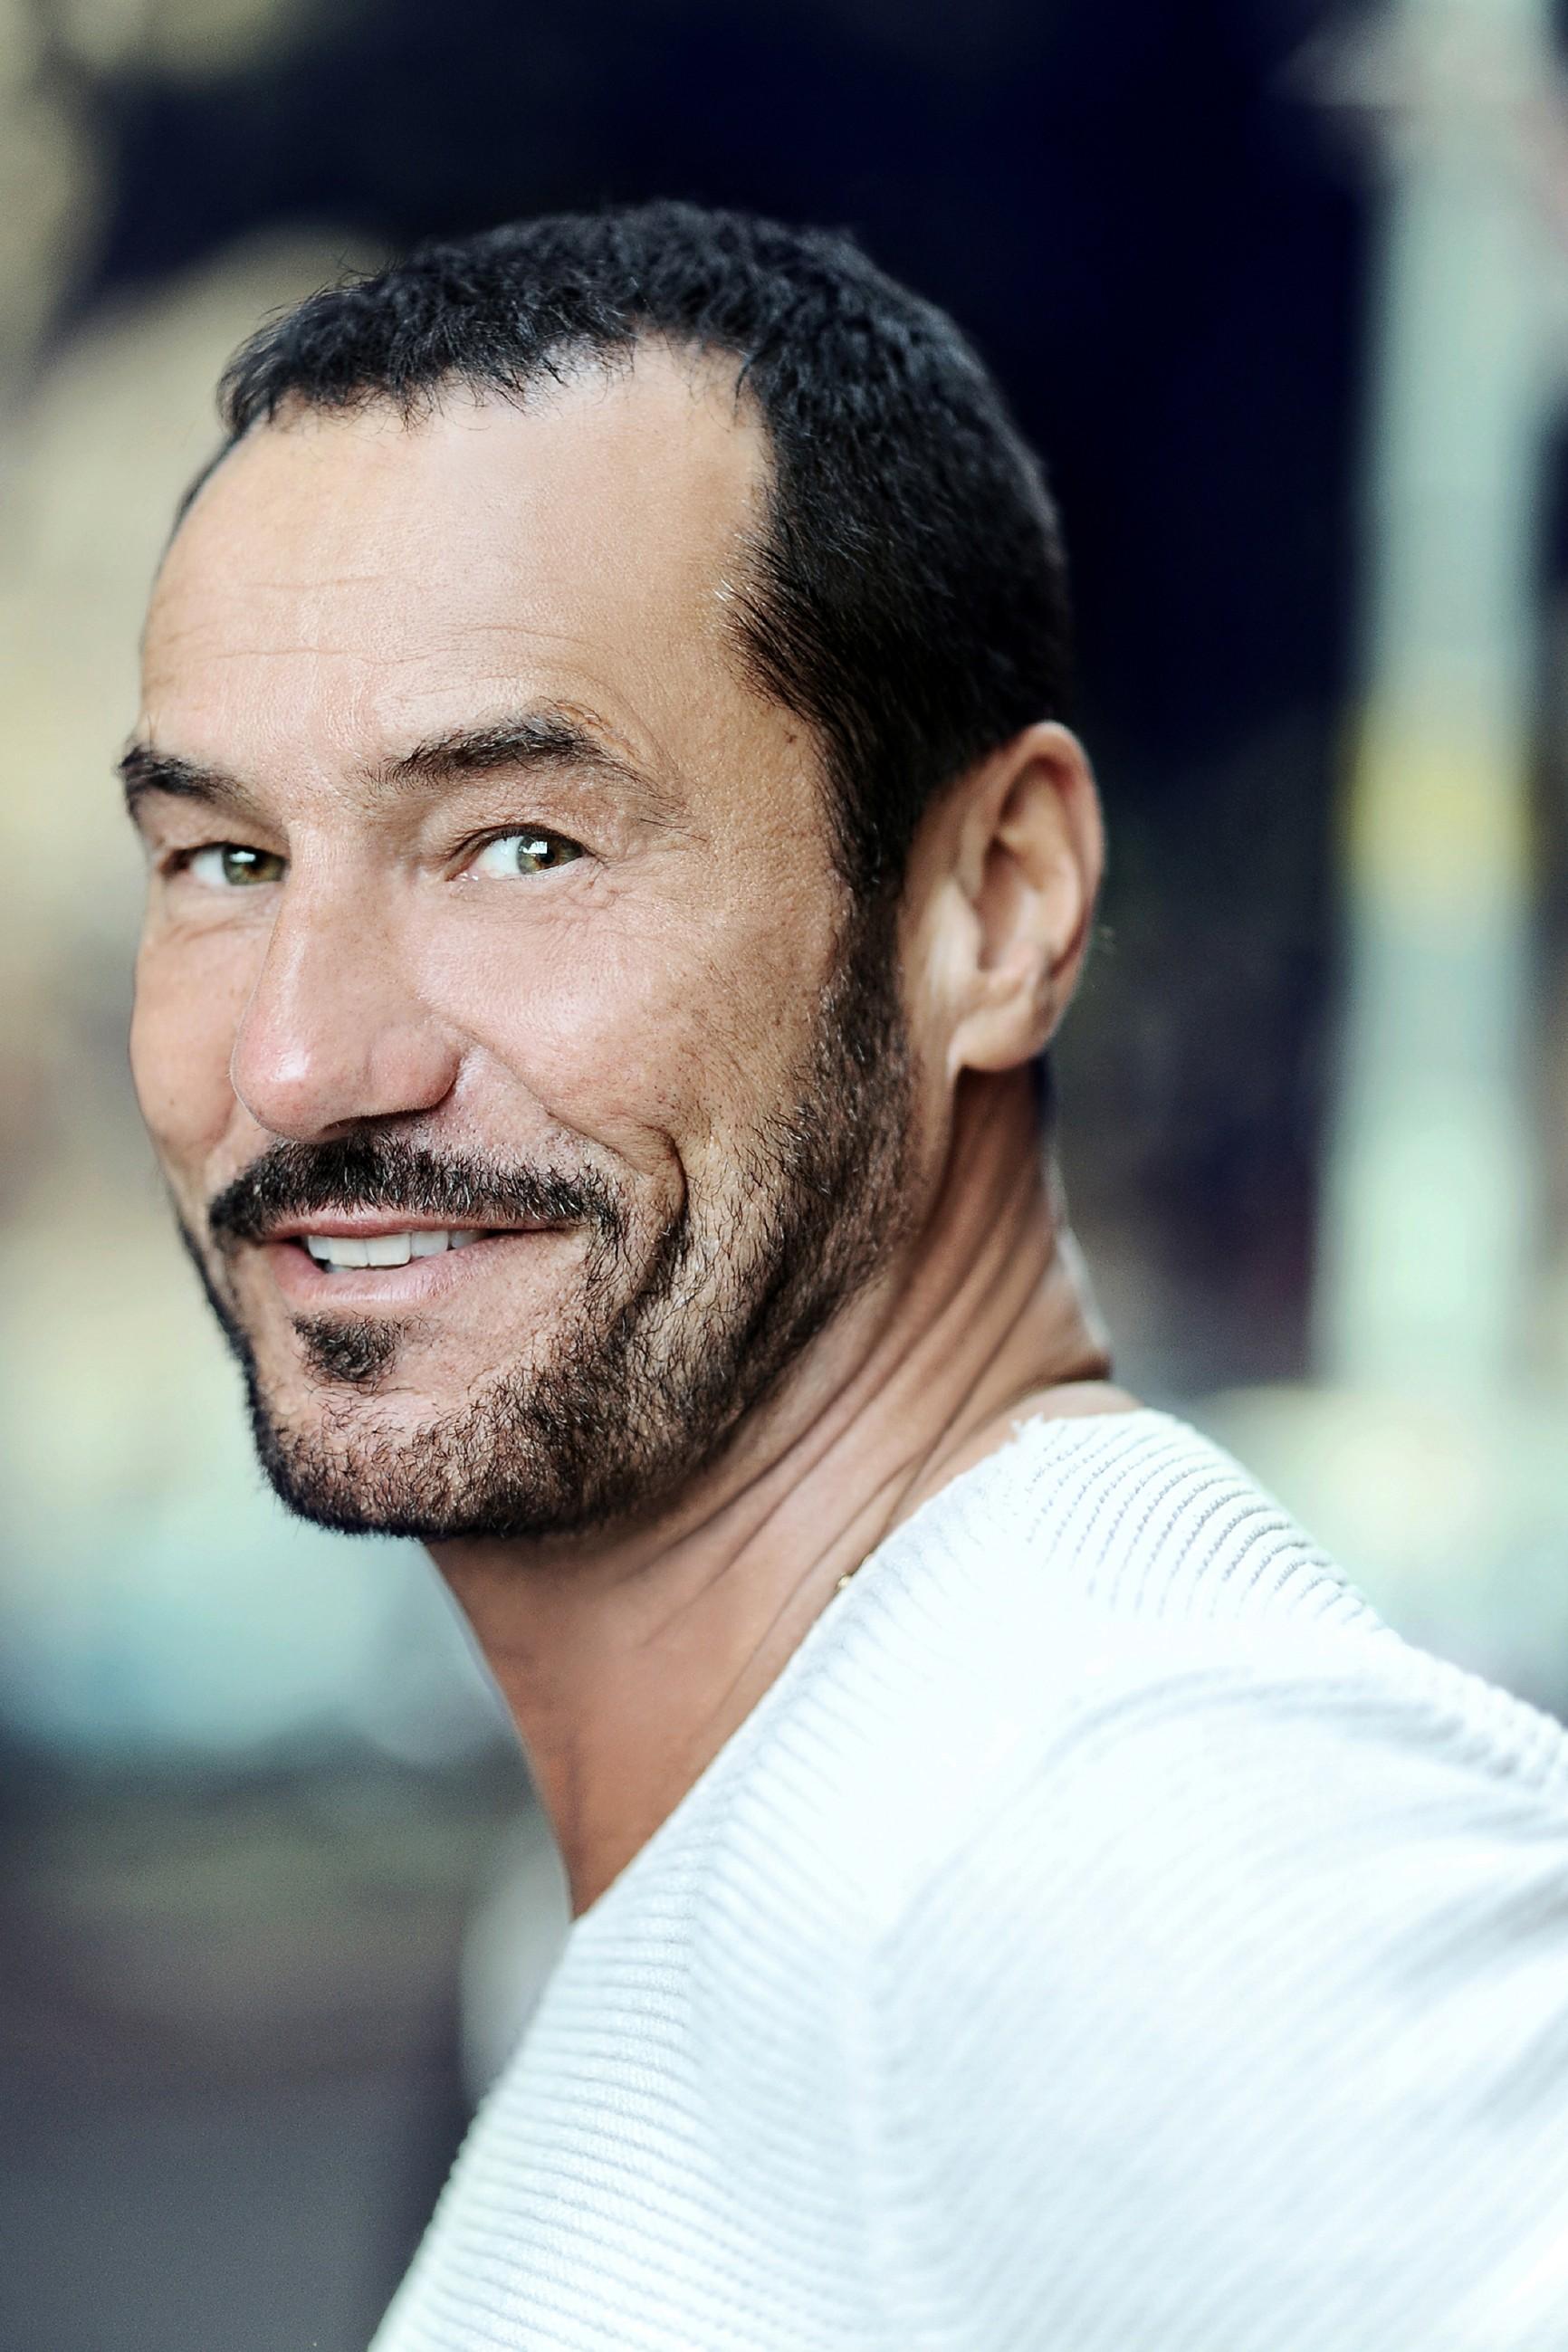 Silvan-Pierre Leirich spielt Richard